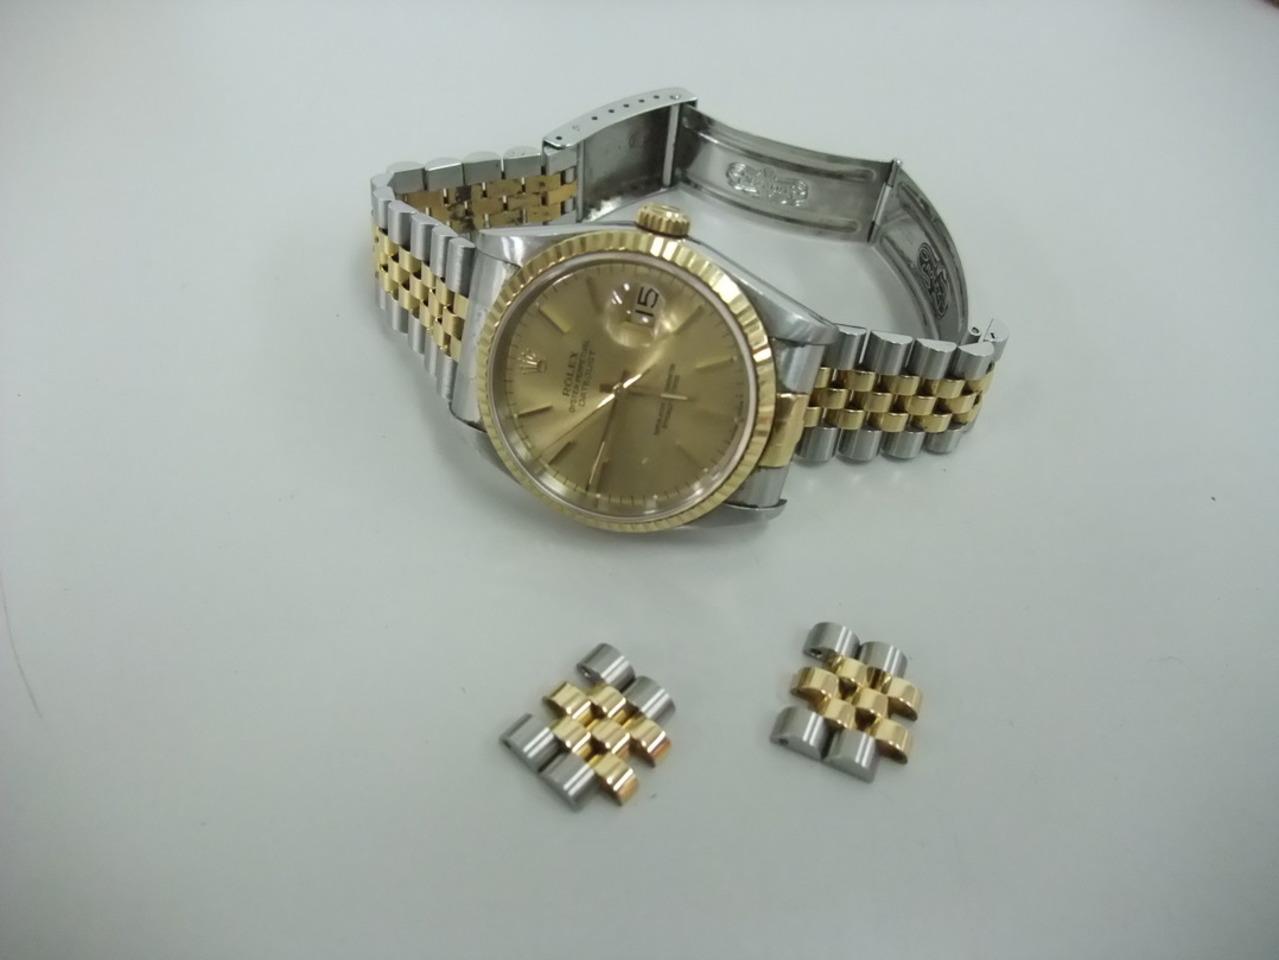 壊れた腕時計・懐中時計高価買取り   松戸   口コミで評判の「おたからや五香店」